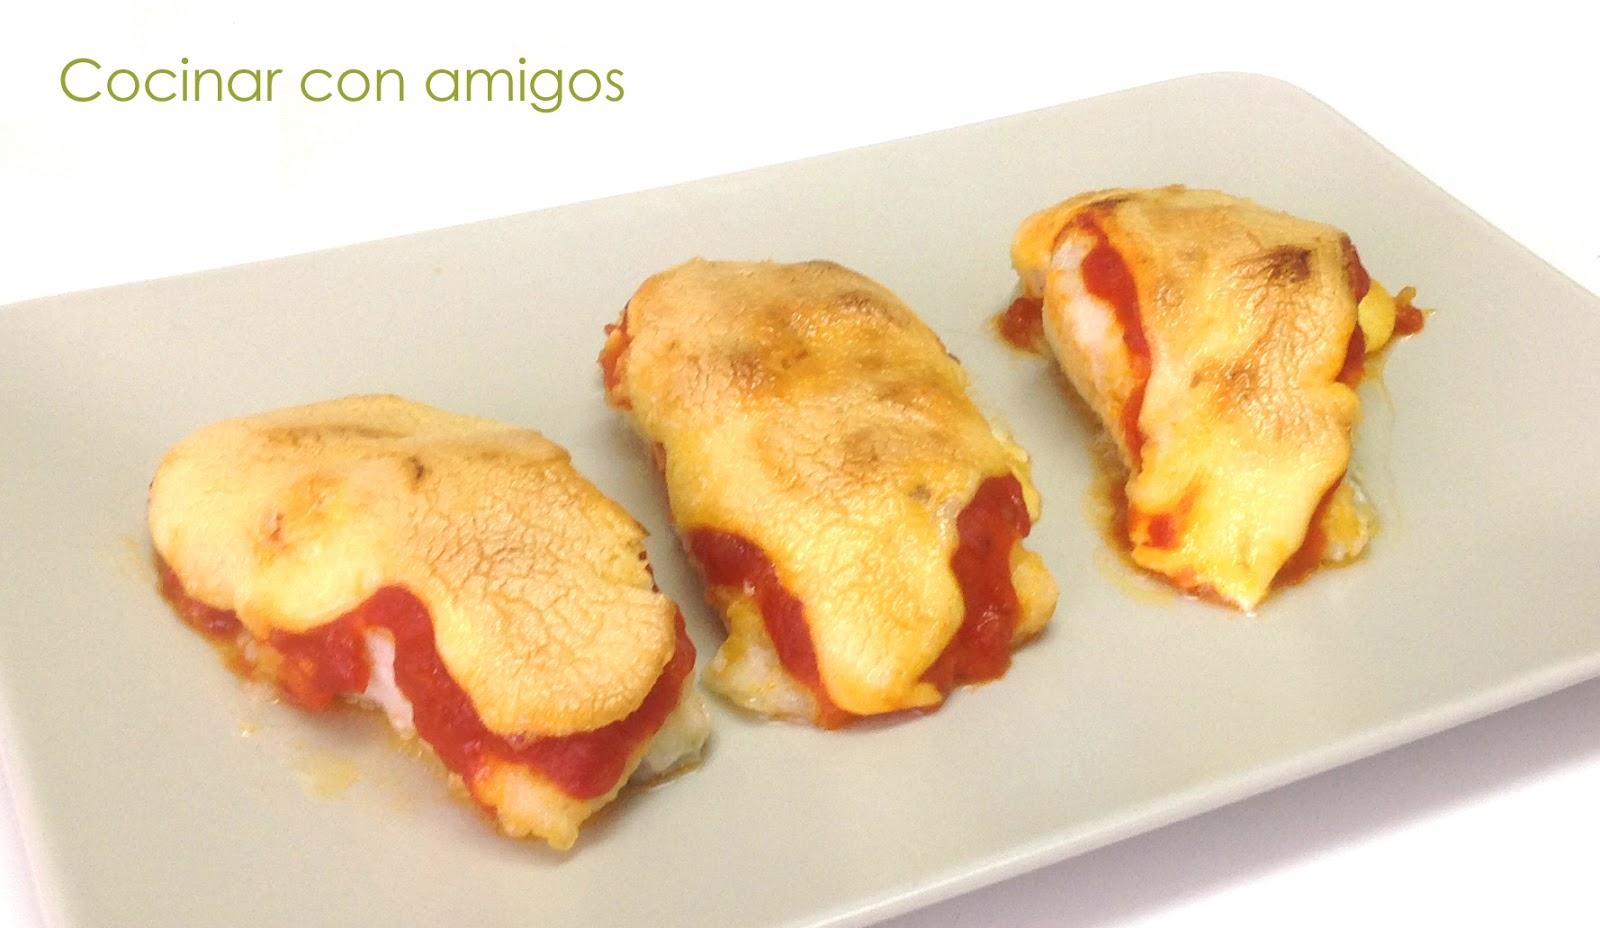 Bacalao con tomate y muselina de ajo cocinar con amigos for Cocinar cocochas de bacalao